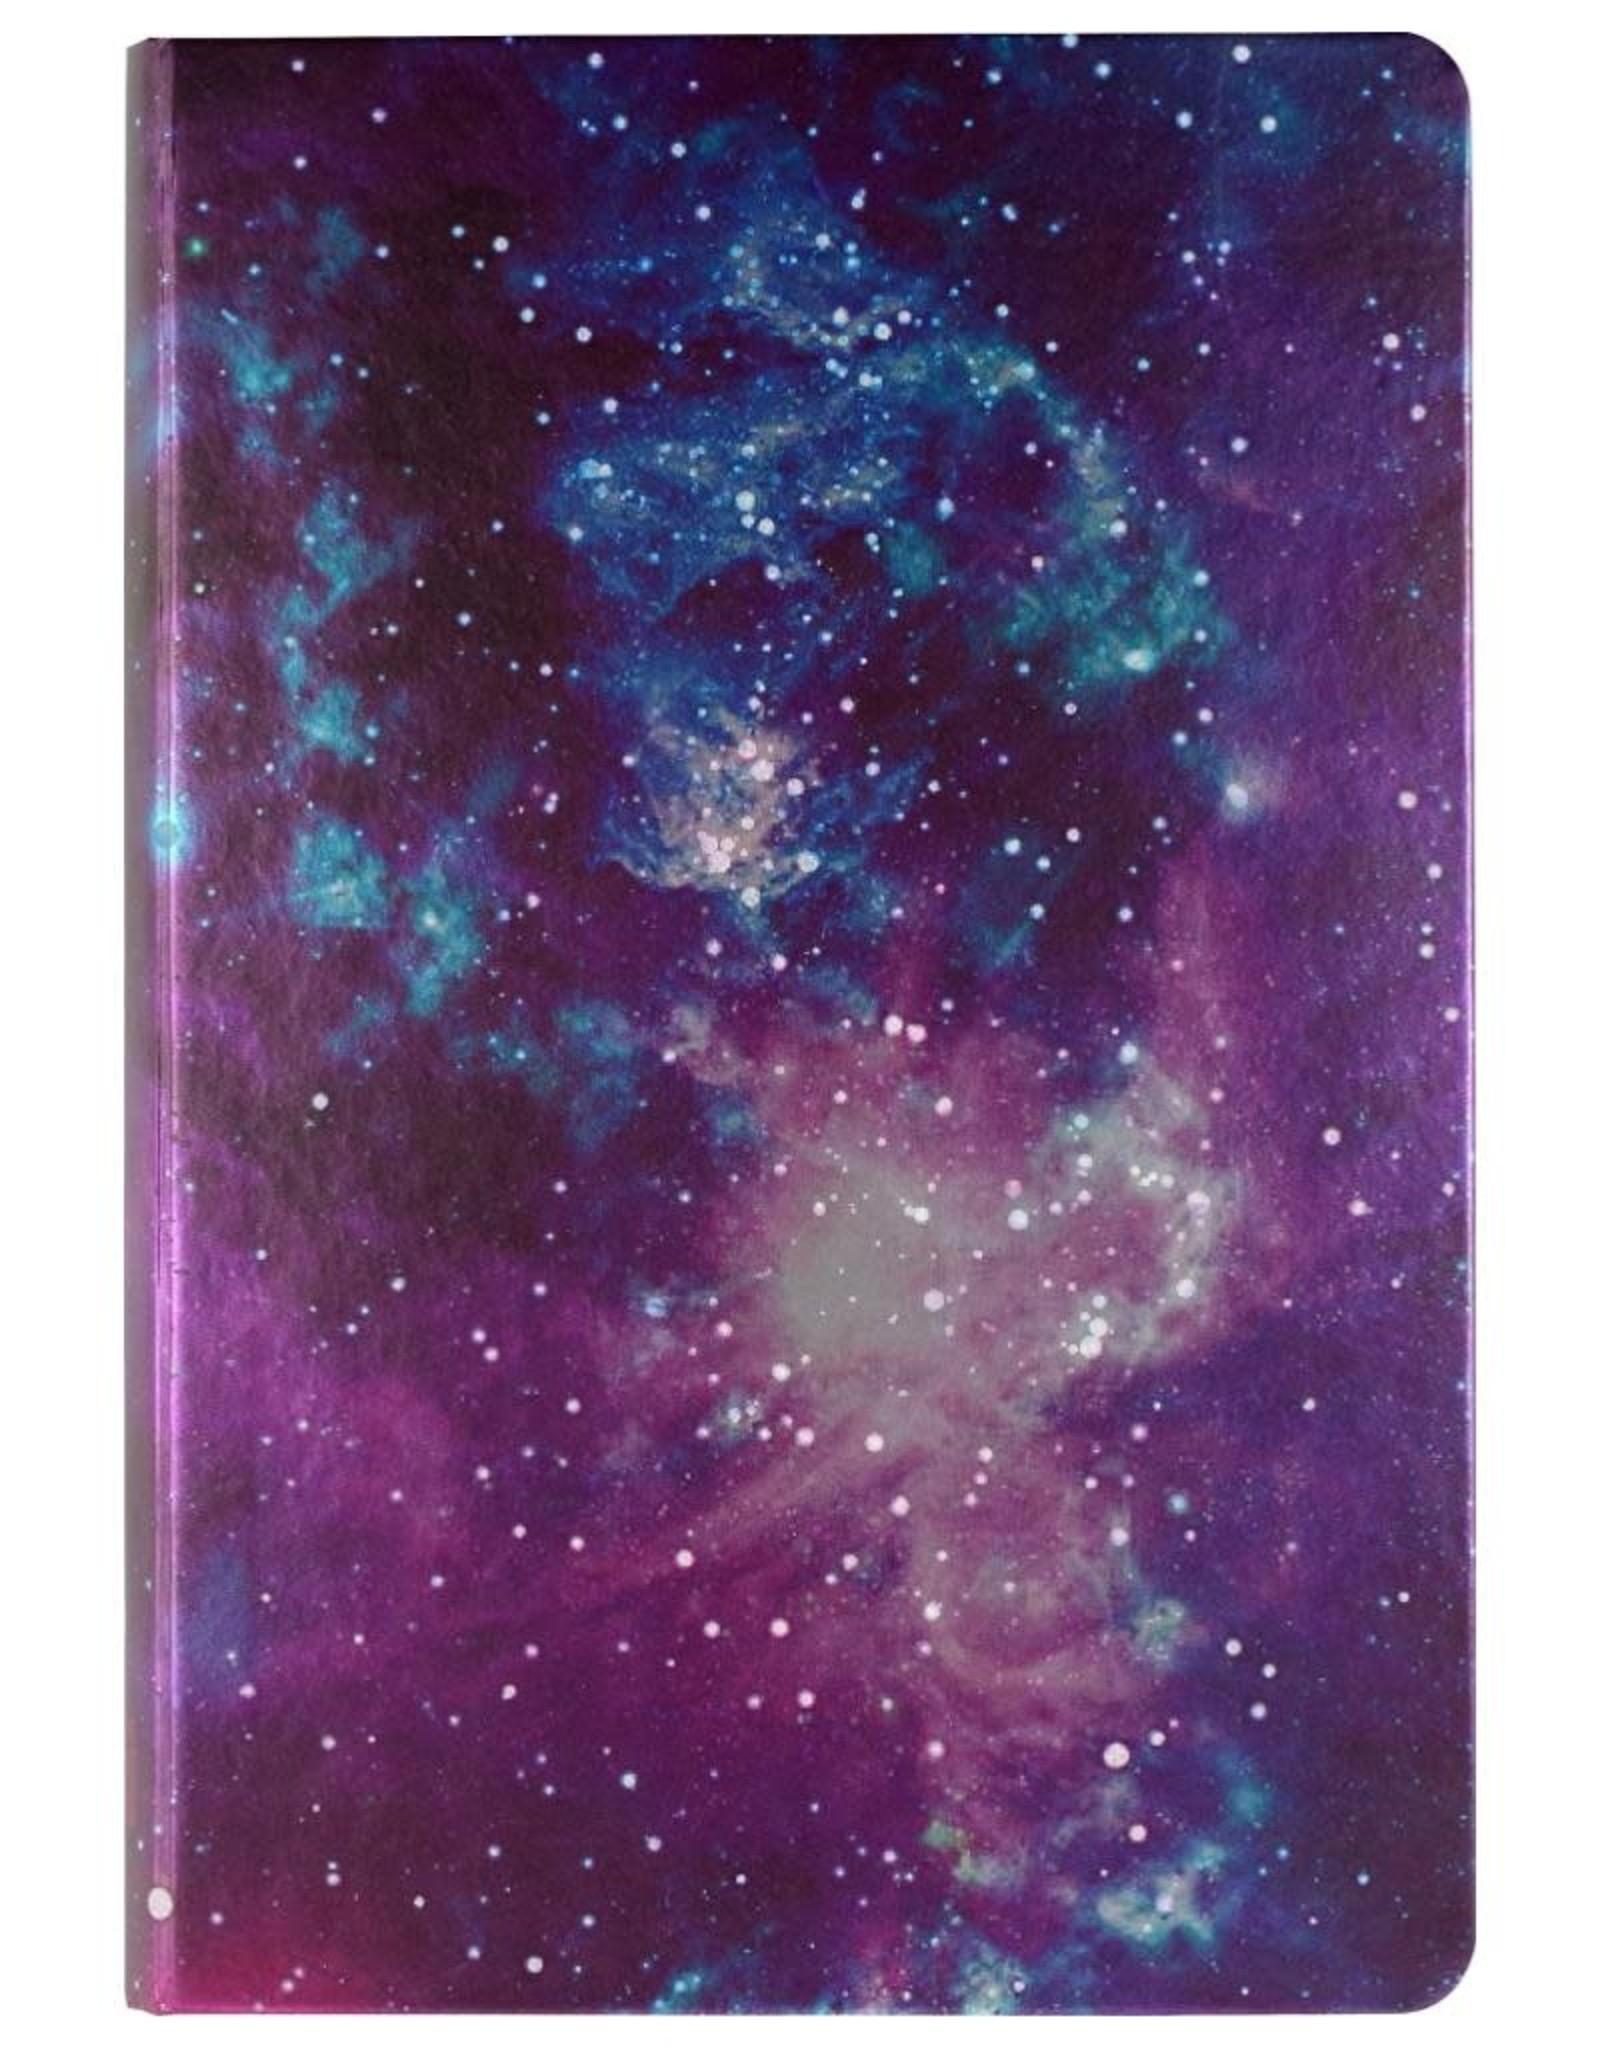 Peter Pauper Essential Large Dot Matrix Galaxy Journal